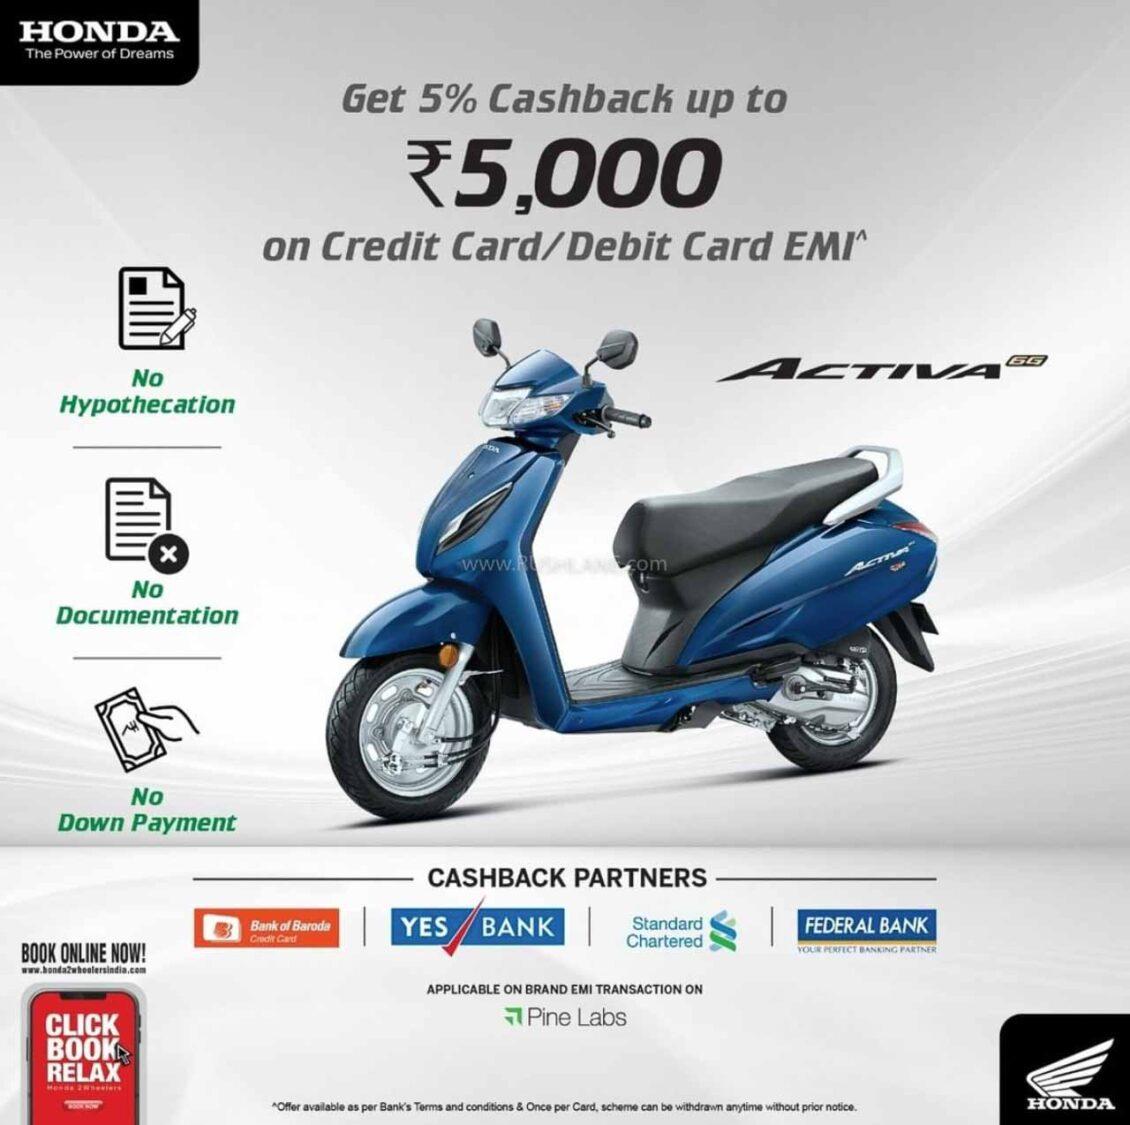 Honda Activa 6G Cashback